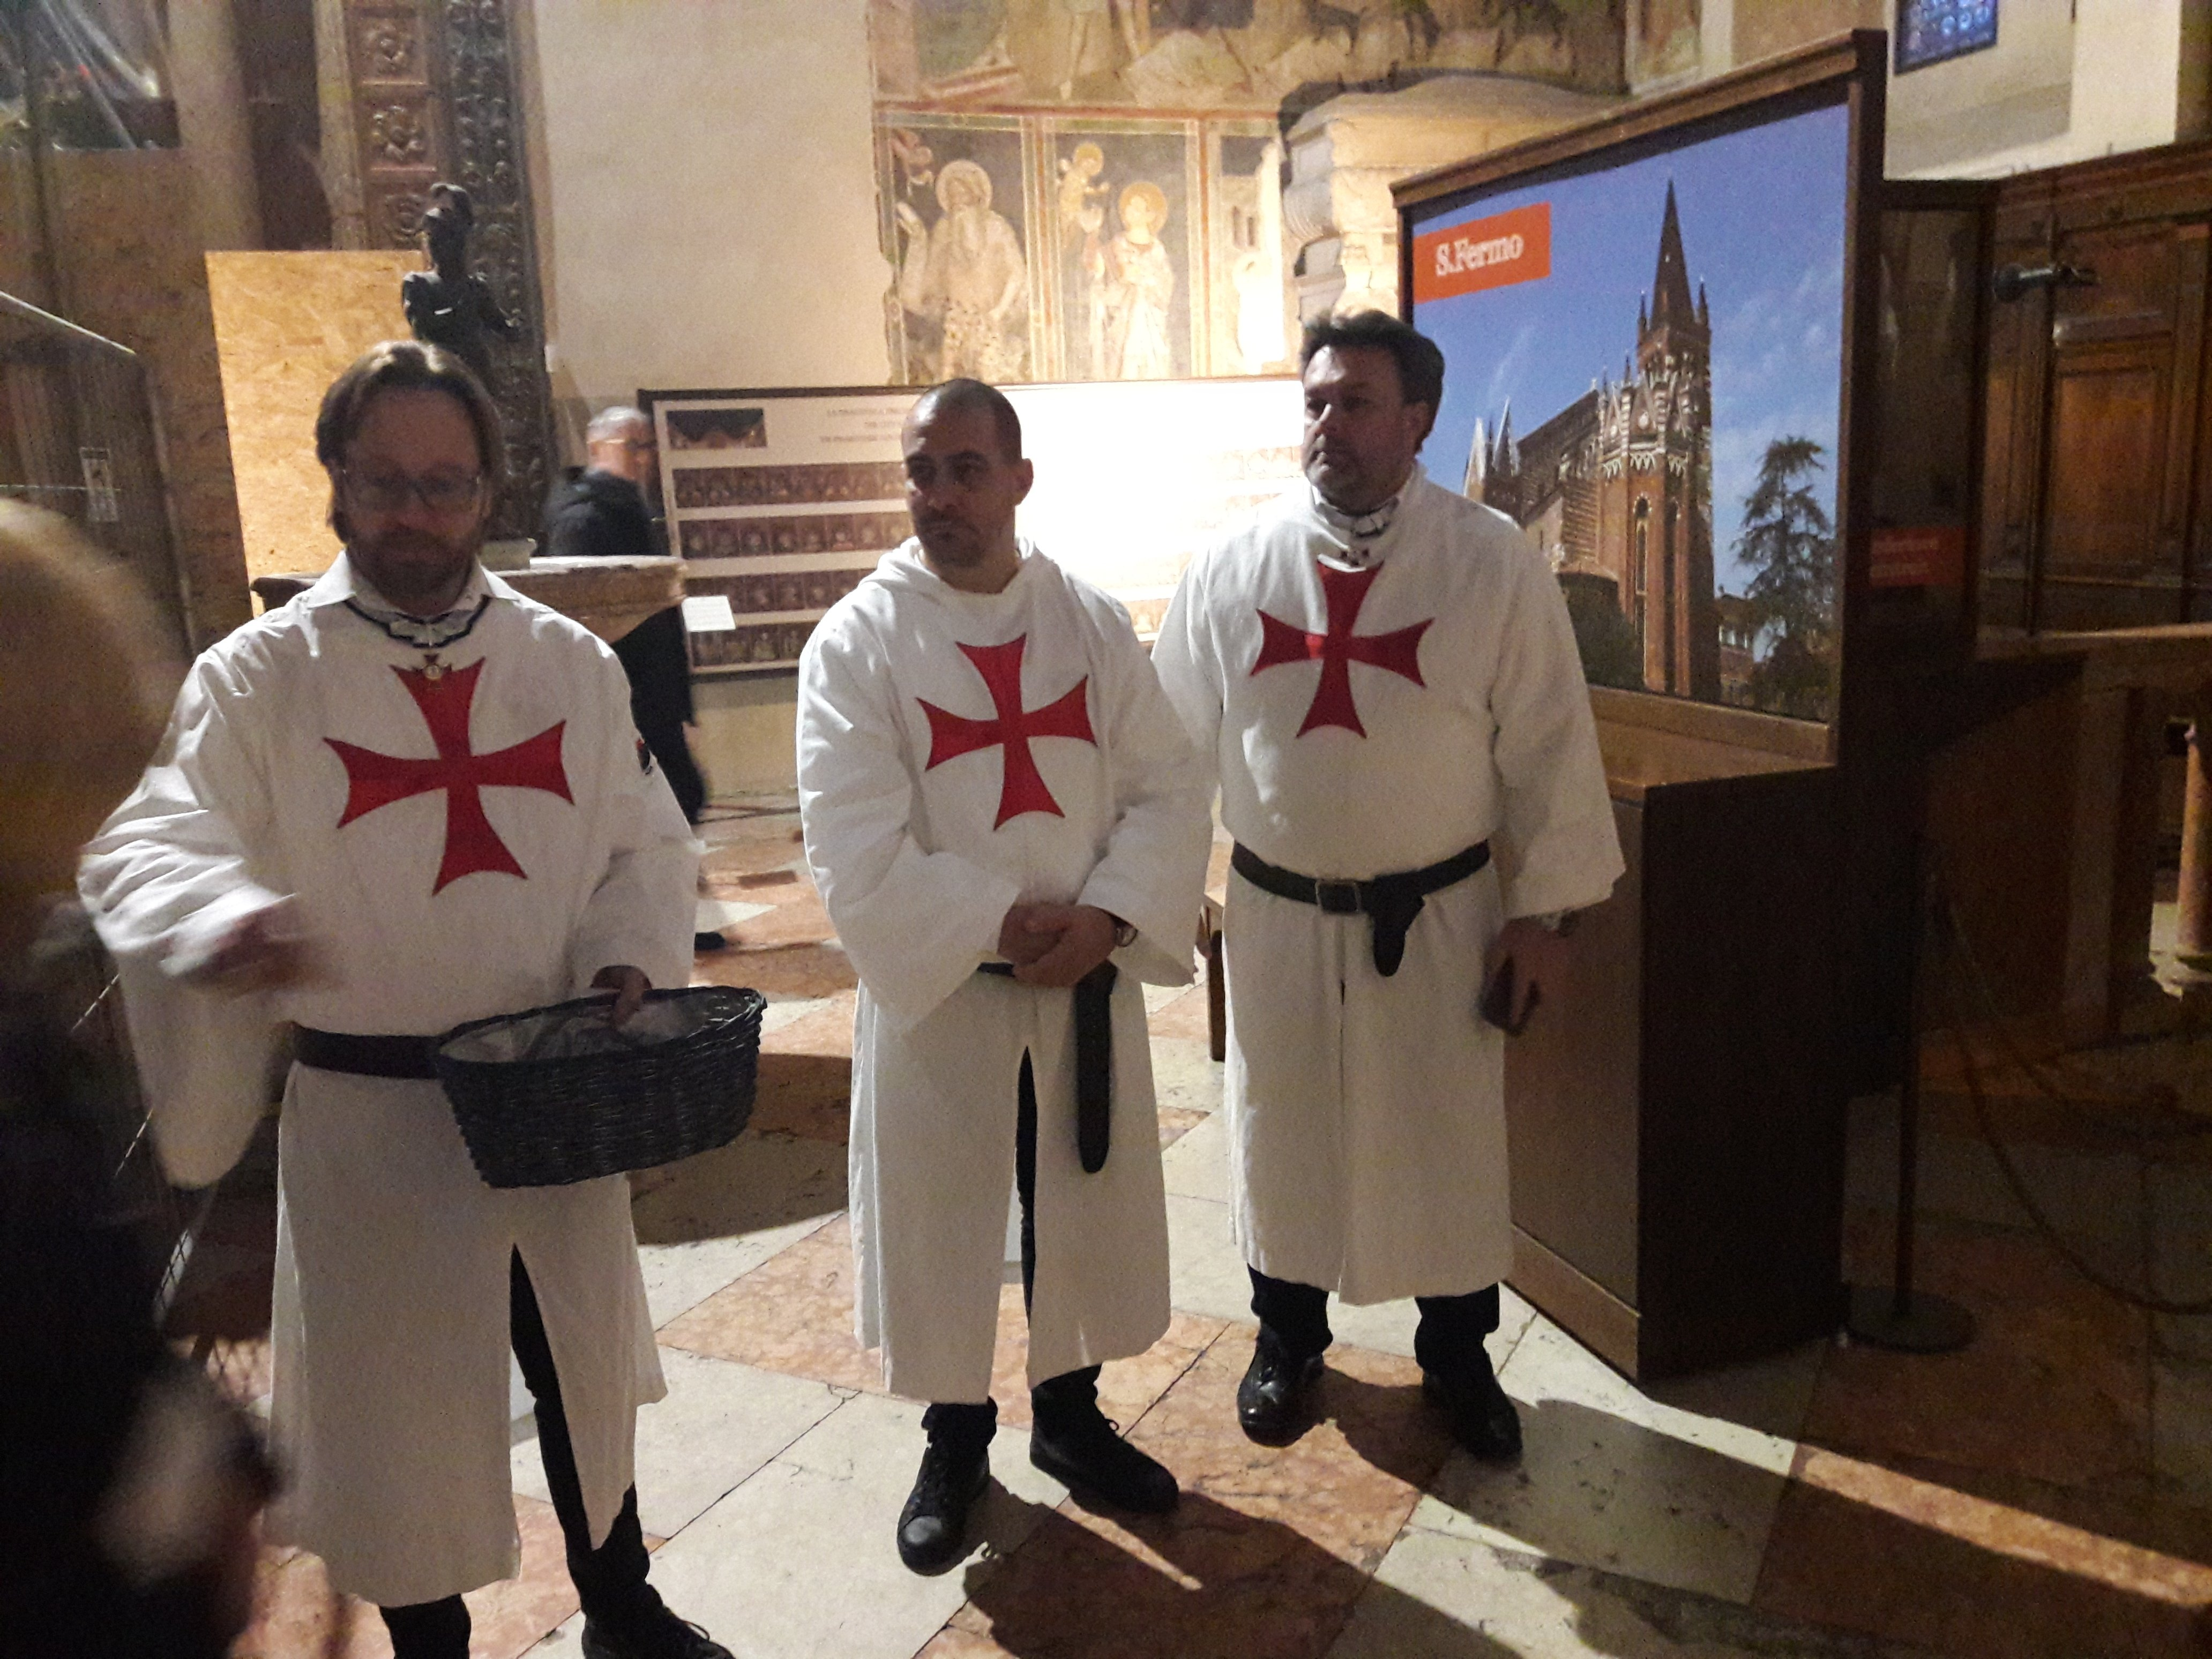 Chiesa di San Fermo - Verona (VR)- Tempari Cattolici d'Italia foto 2